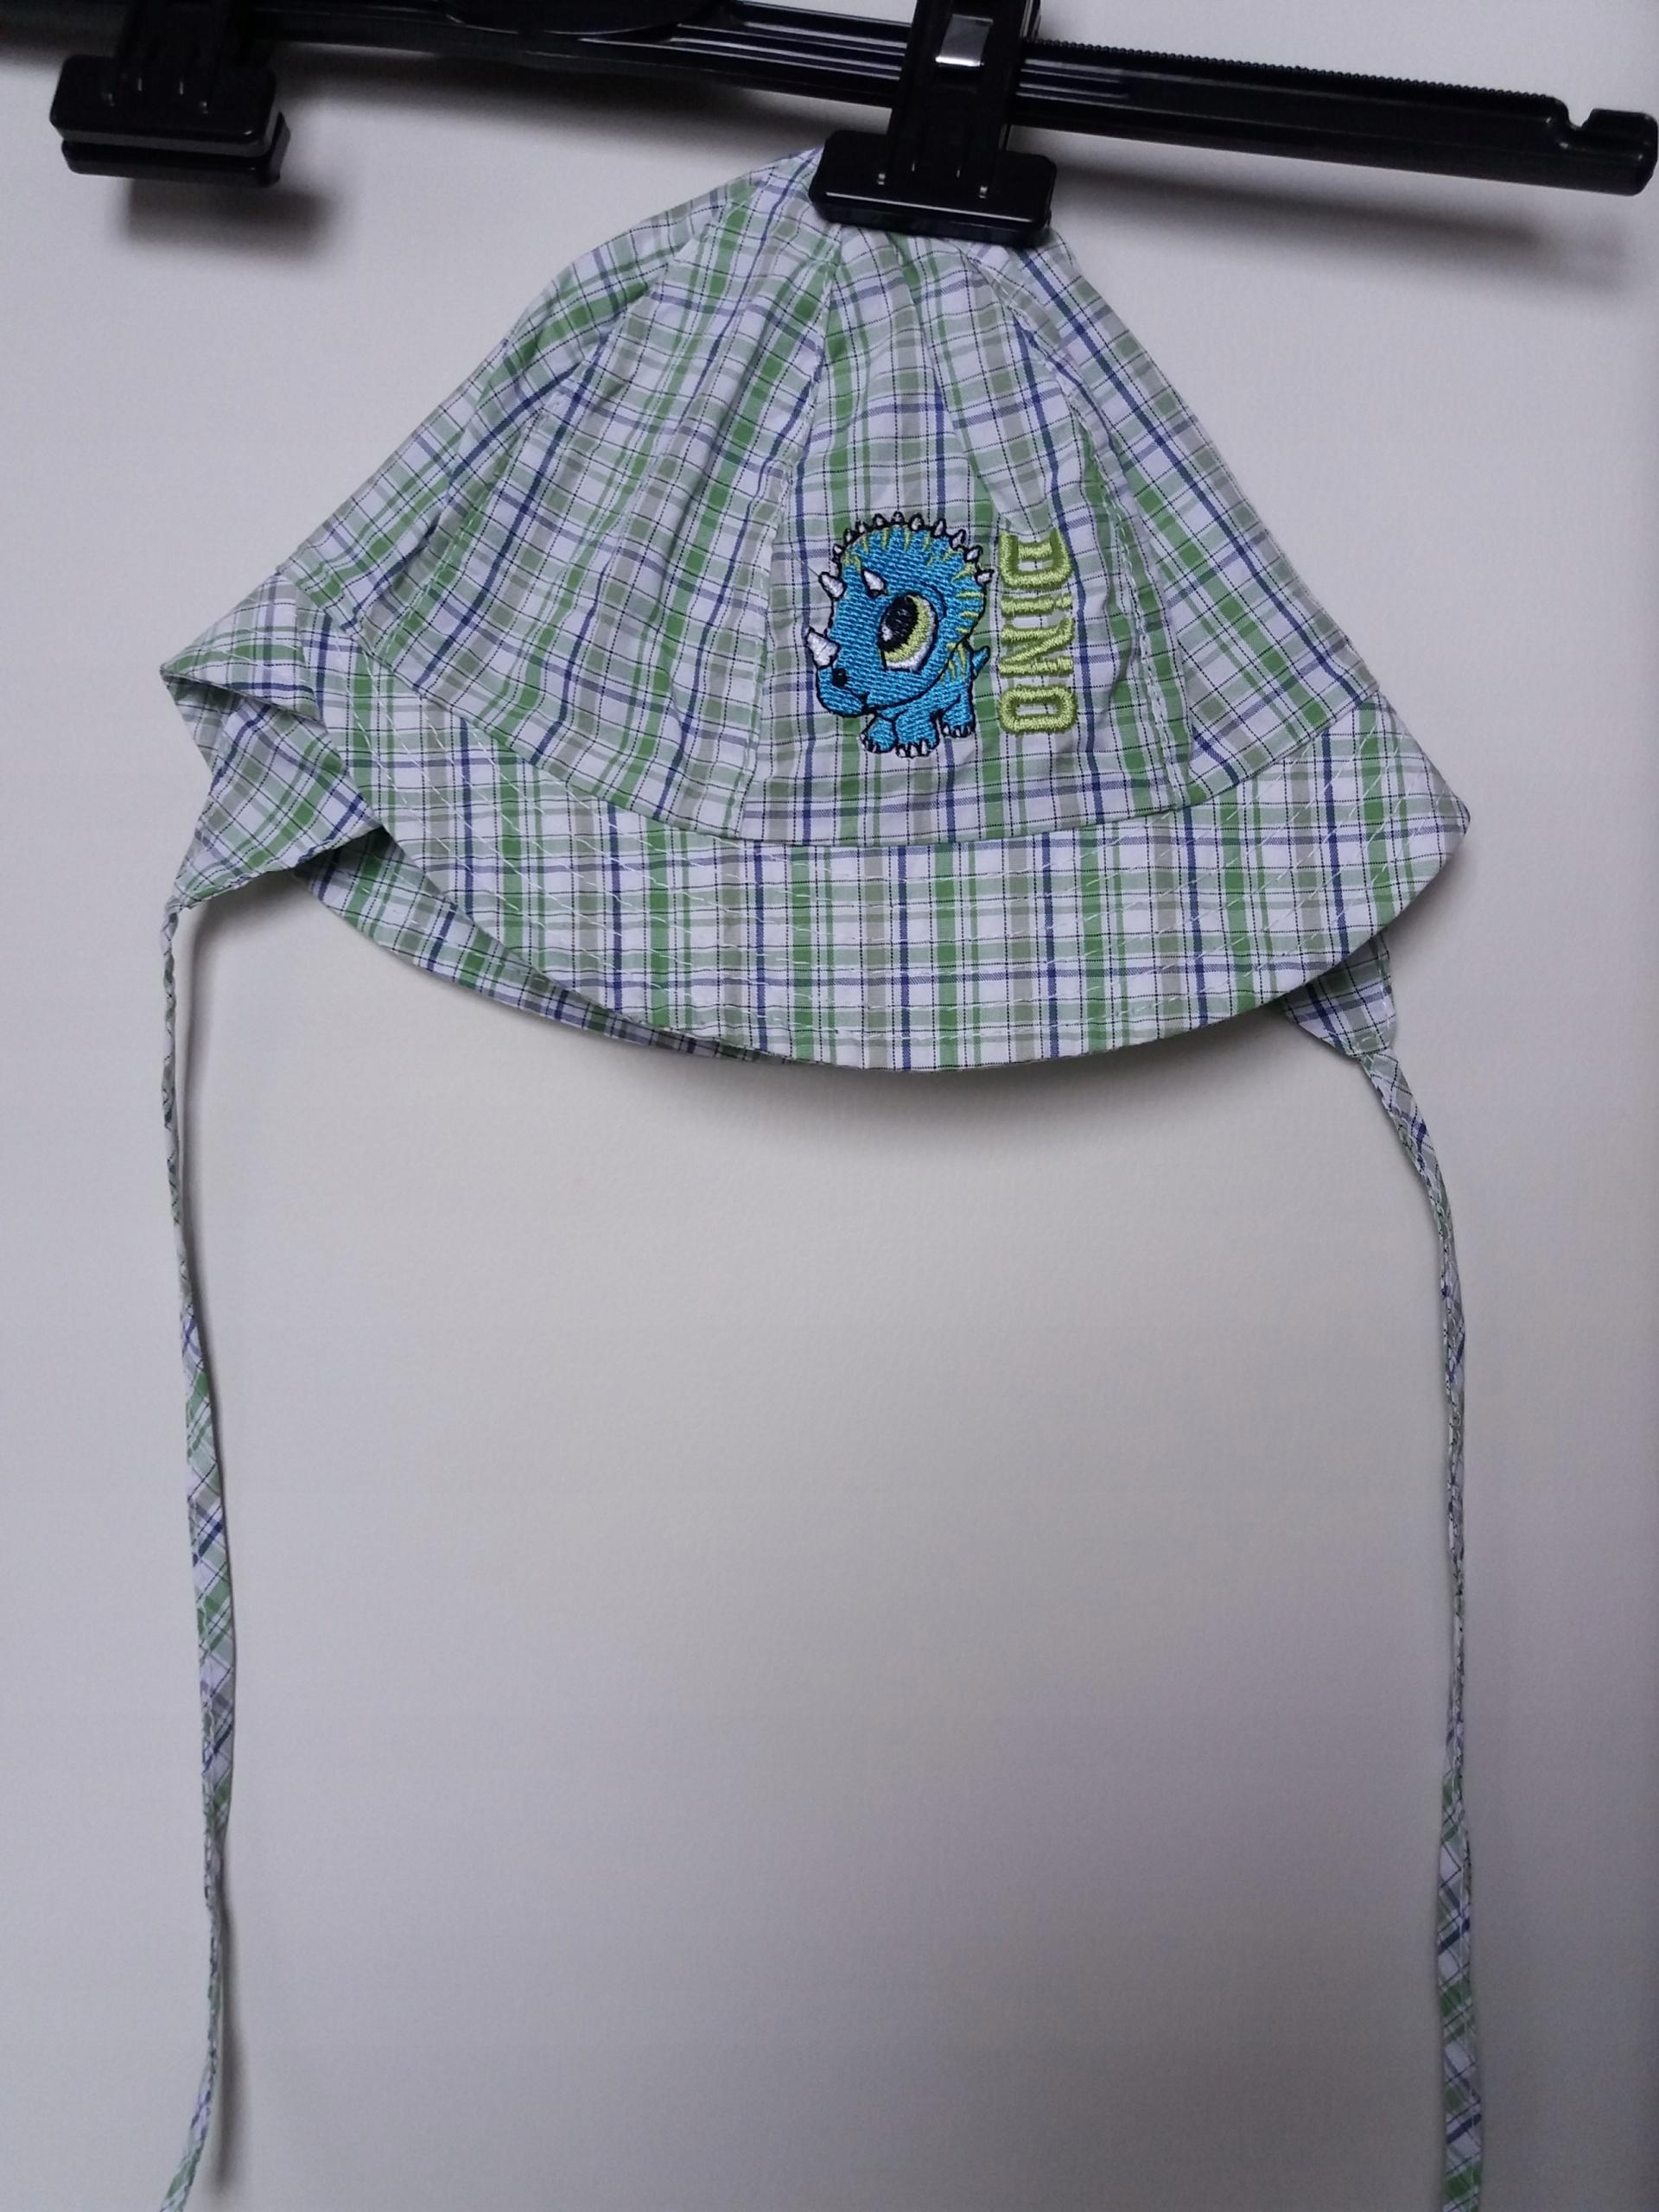 Czapka kapelusz lato r. 48, obw. 44 cm, idealny